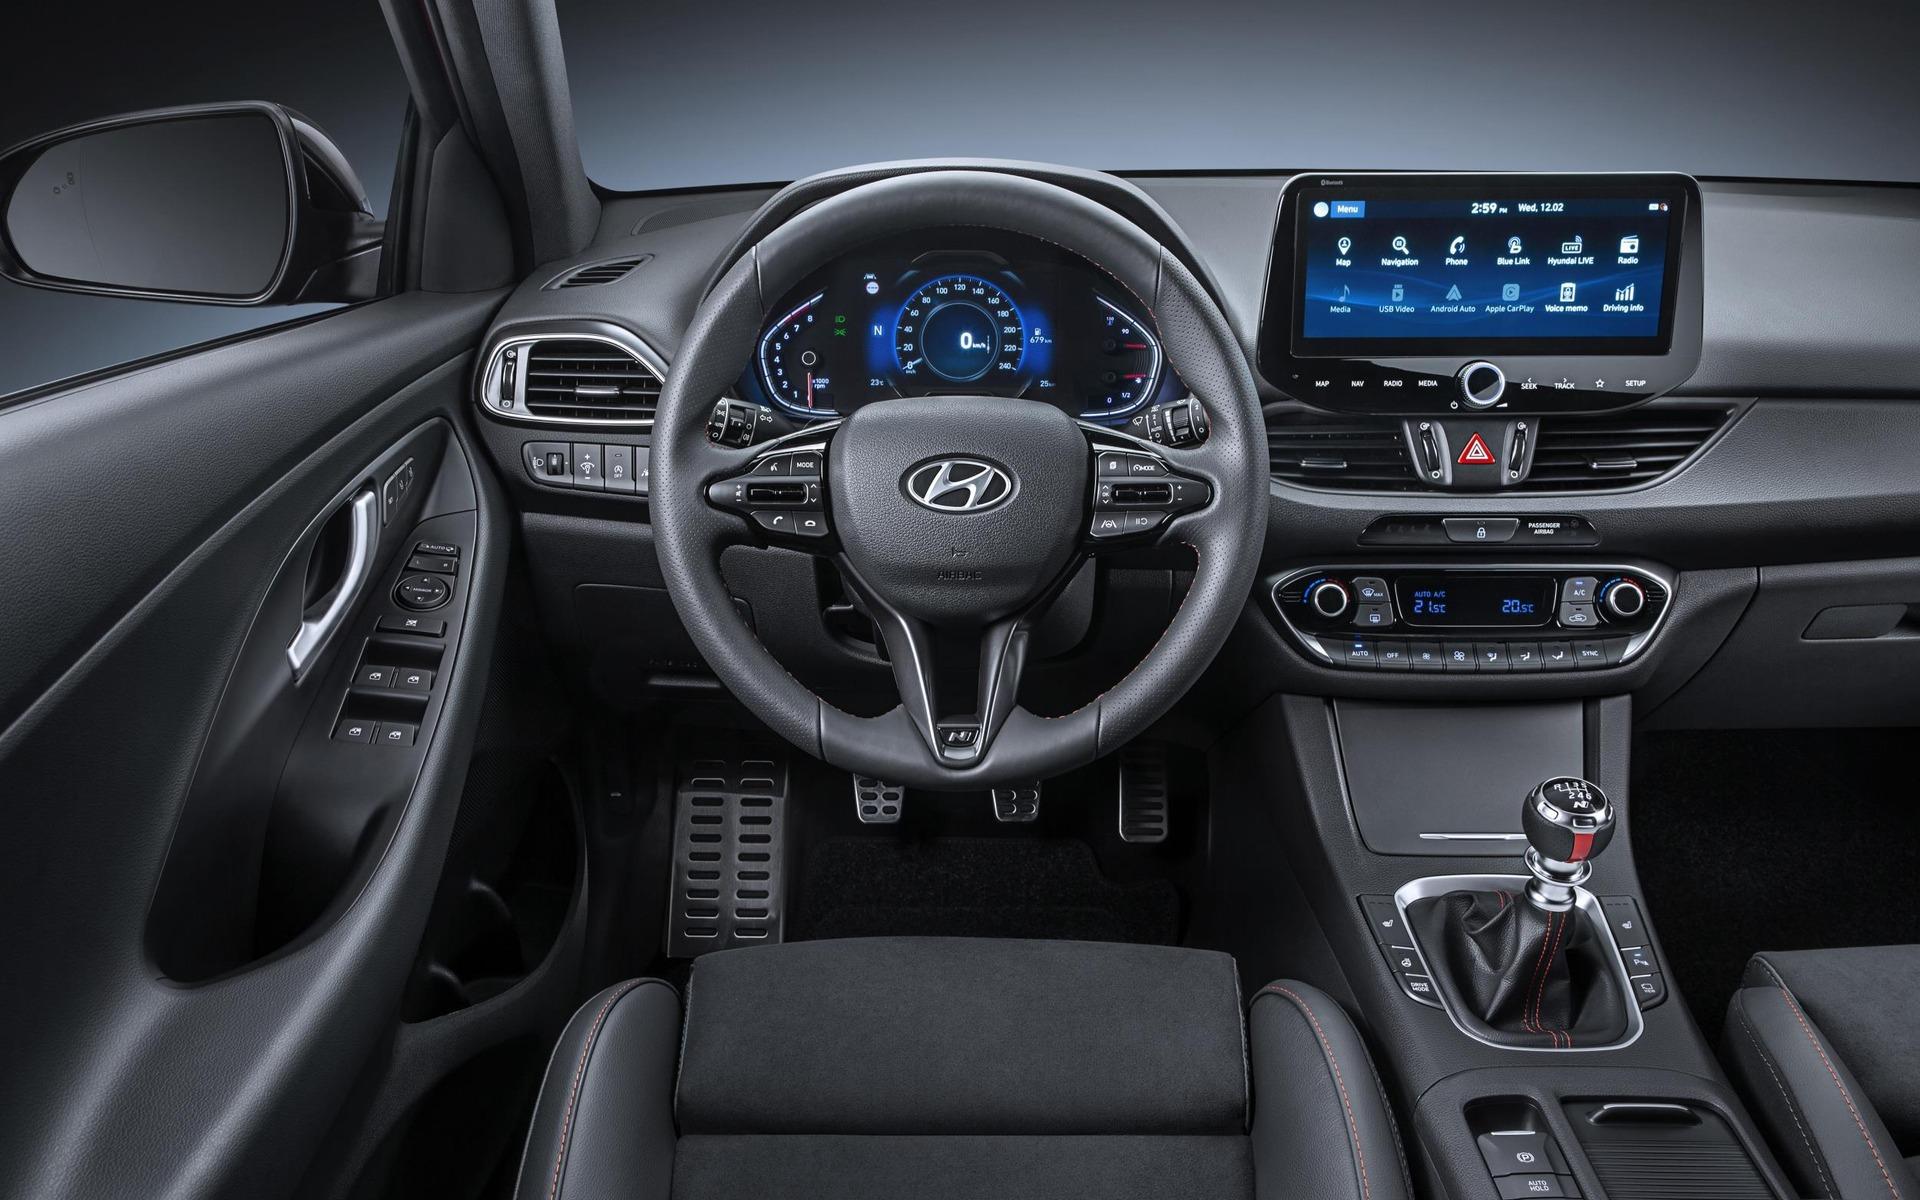 2021 Hyundai Elantra Gt Concept